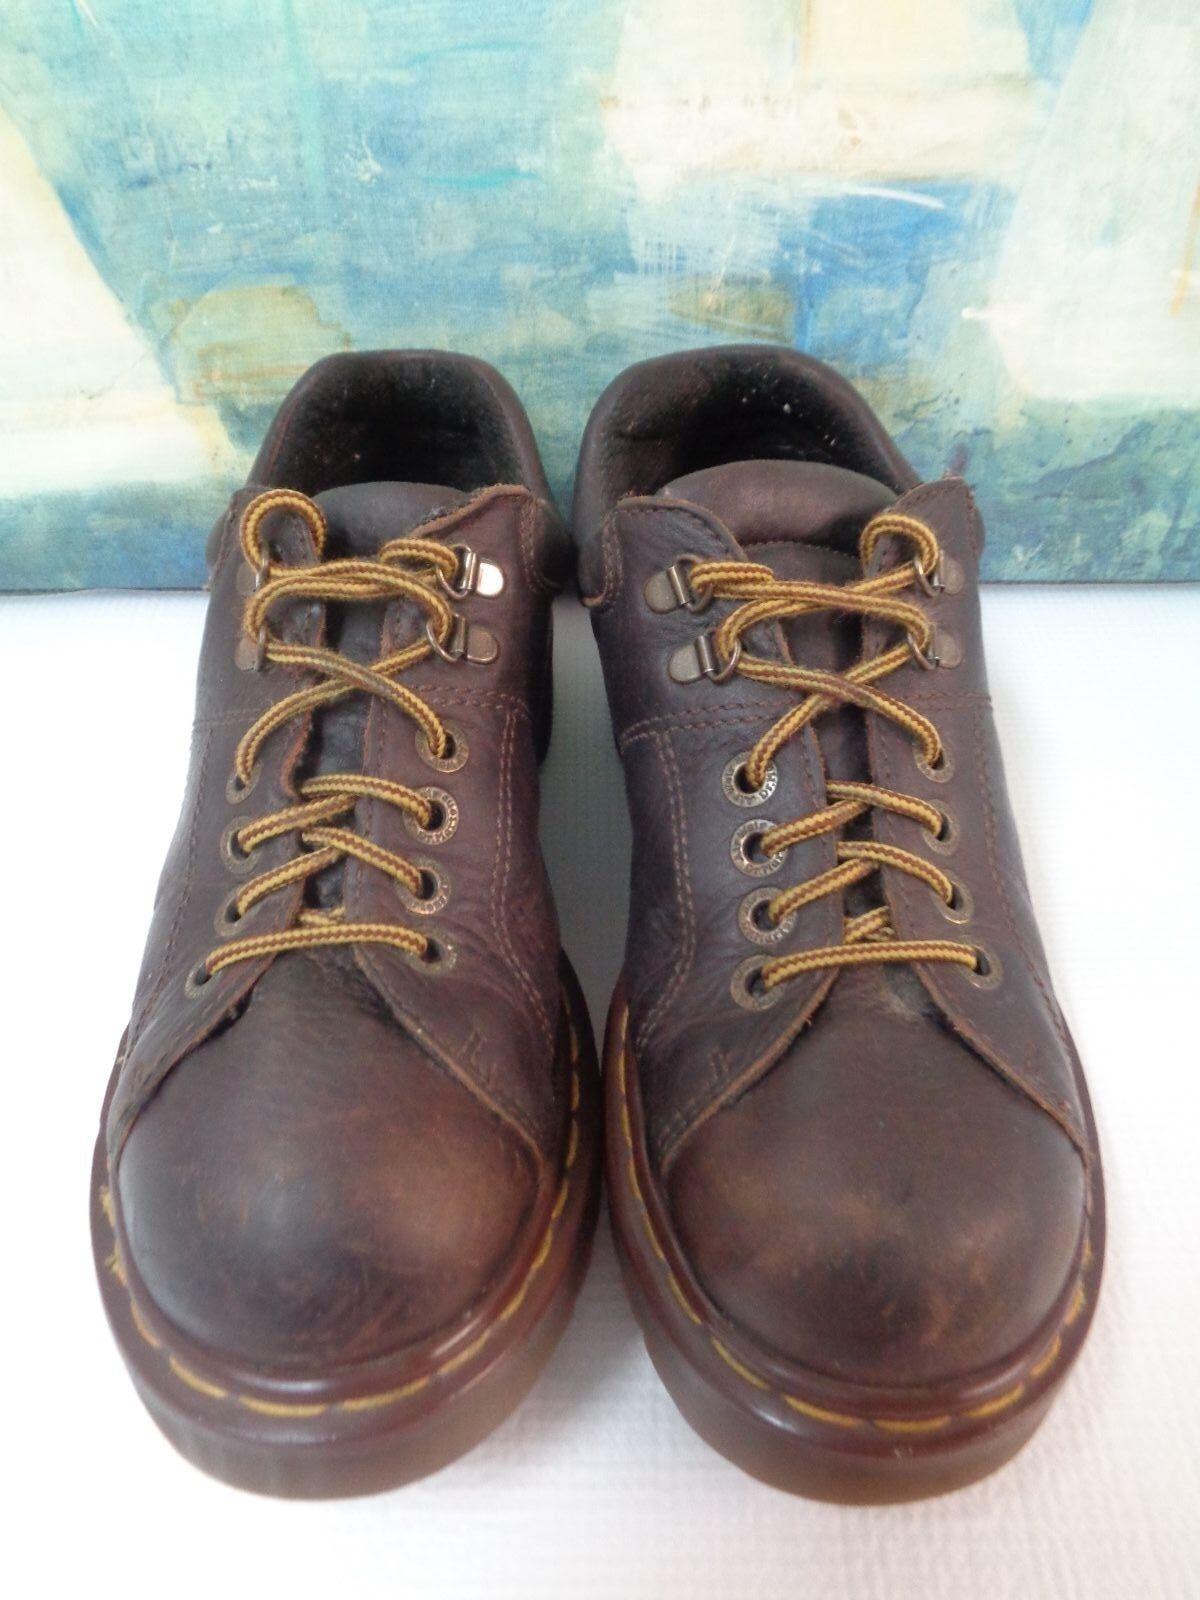 Doc (Dr.) Martens Brown Leather Lace Ups UK7, USM8, USL9   Style   8312